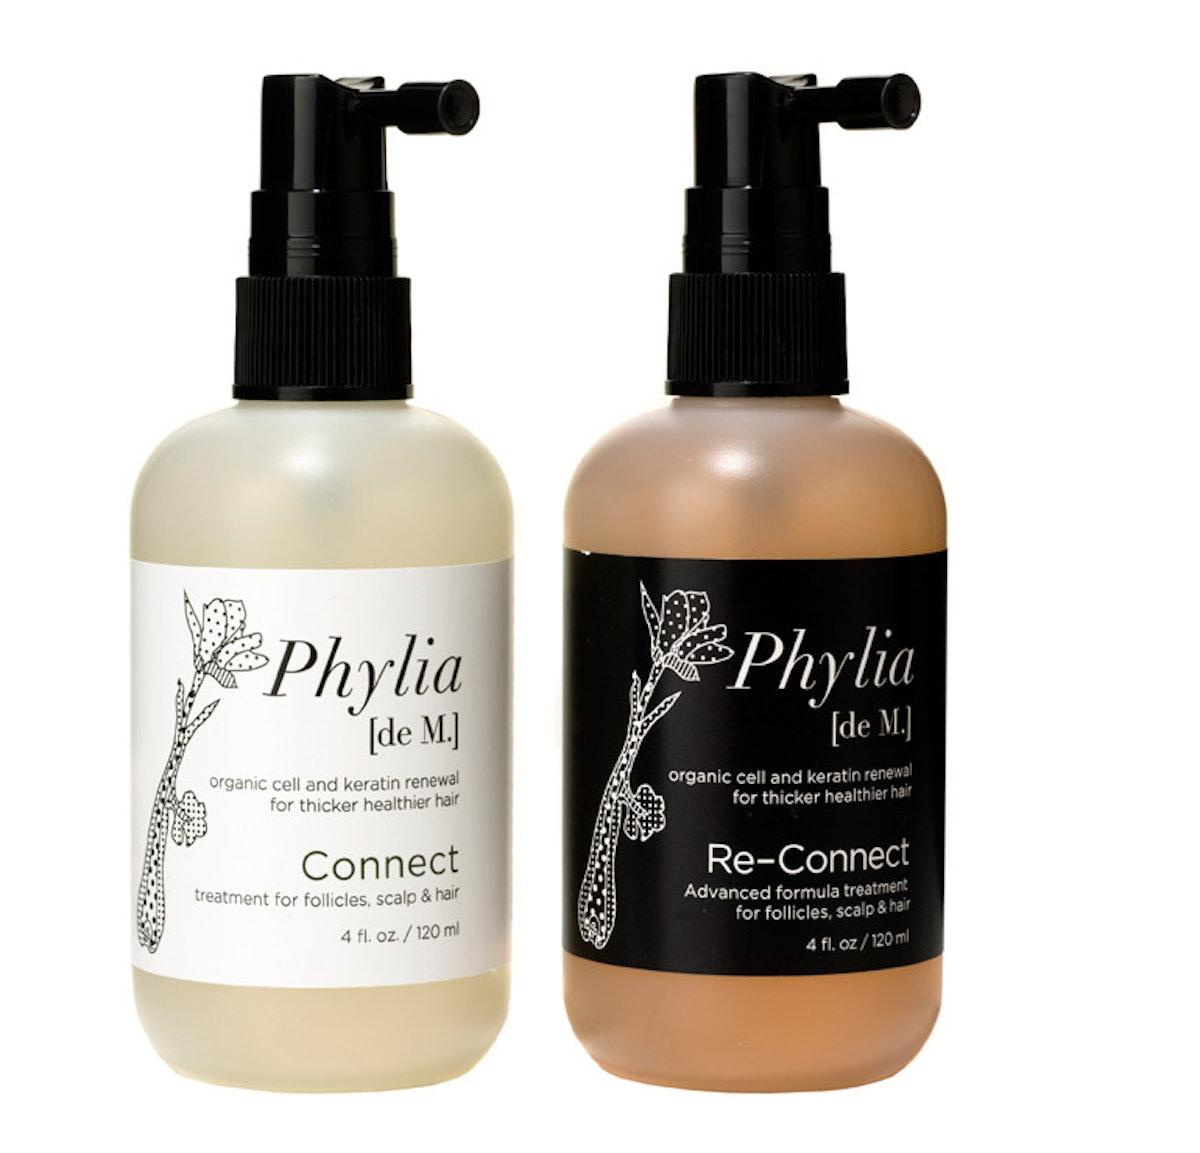 Phylia de M. Re-Connect